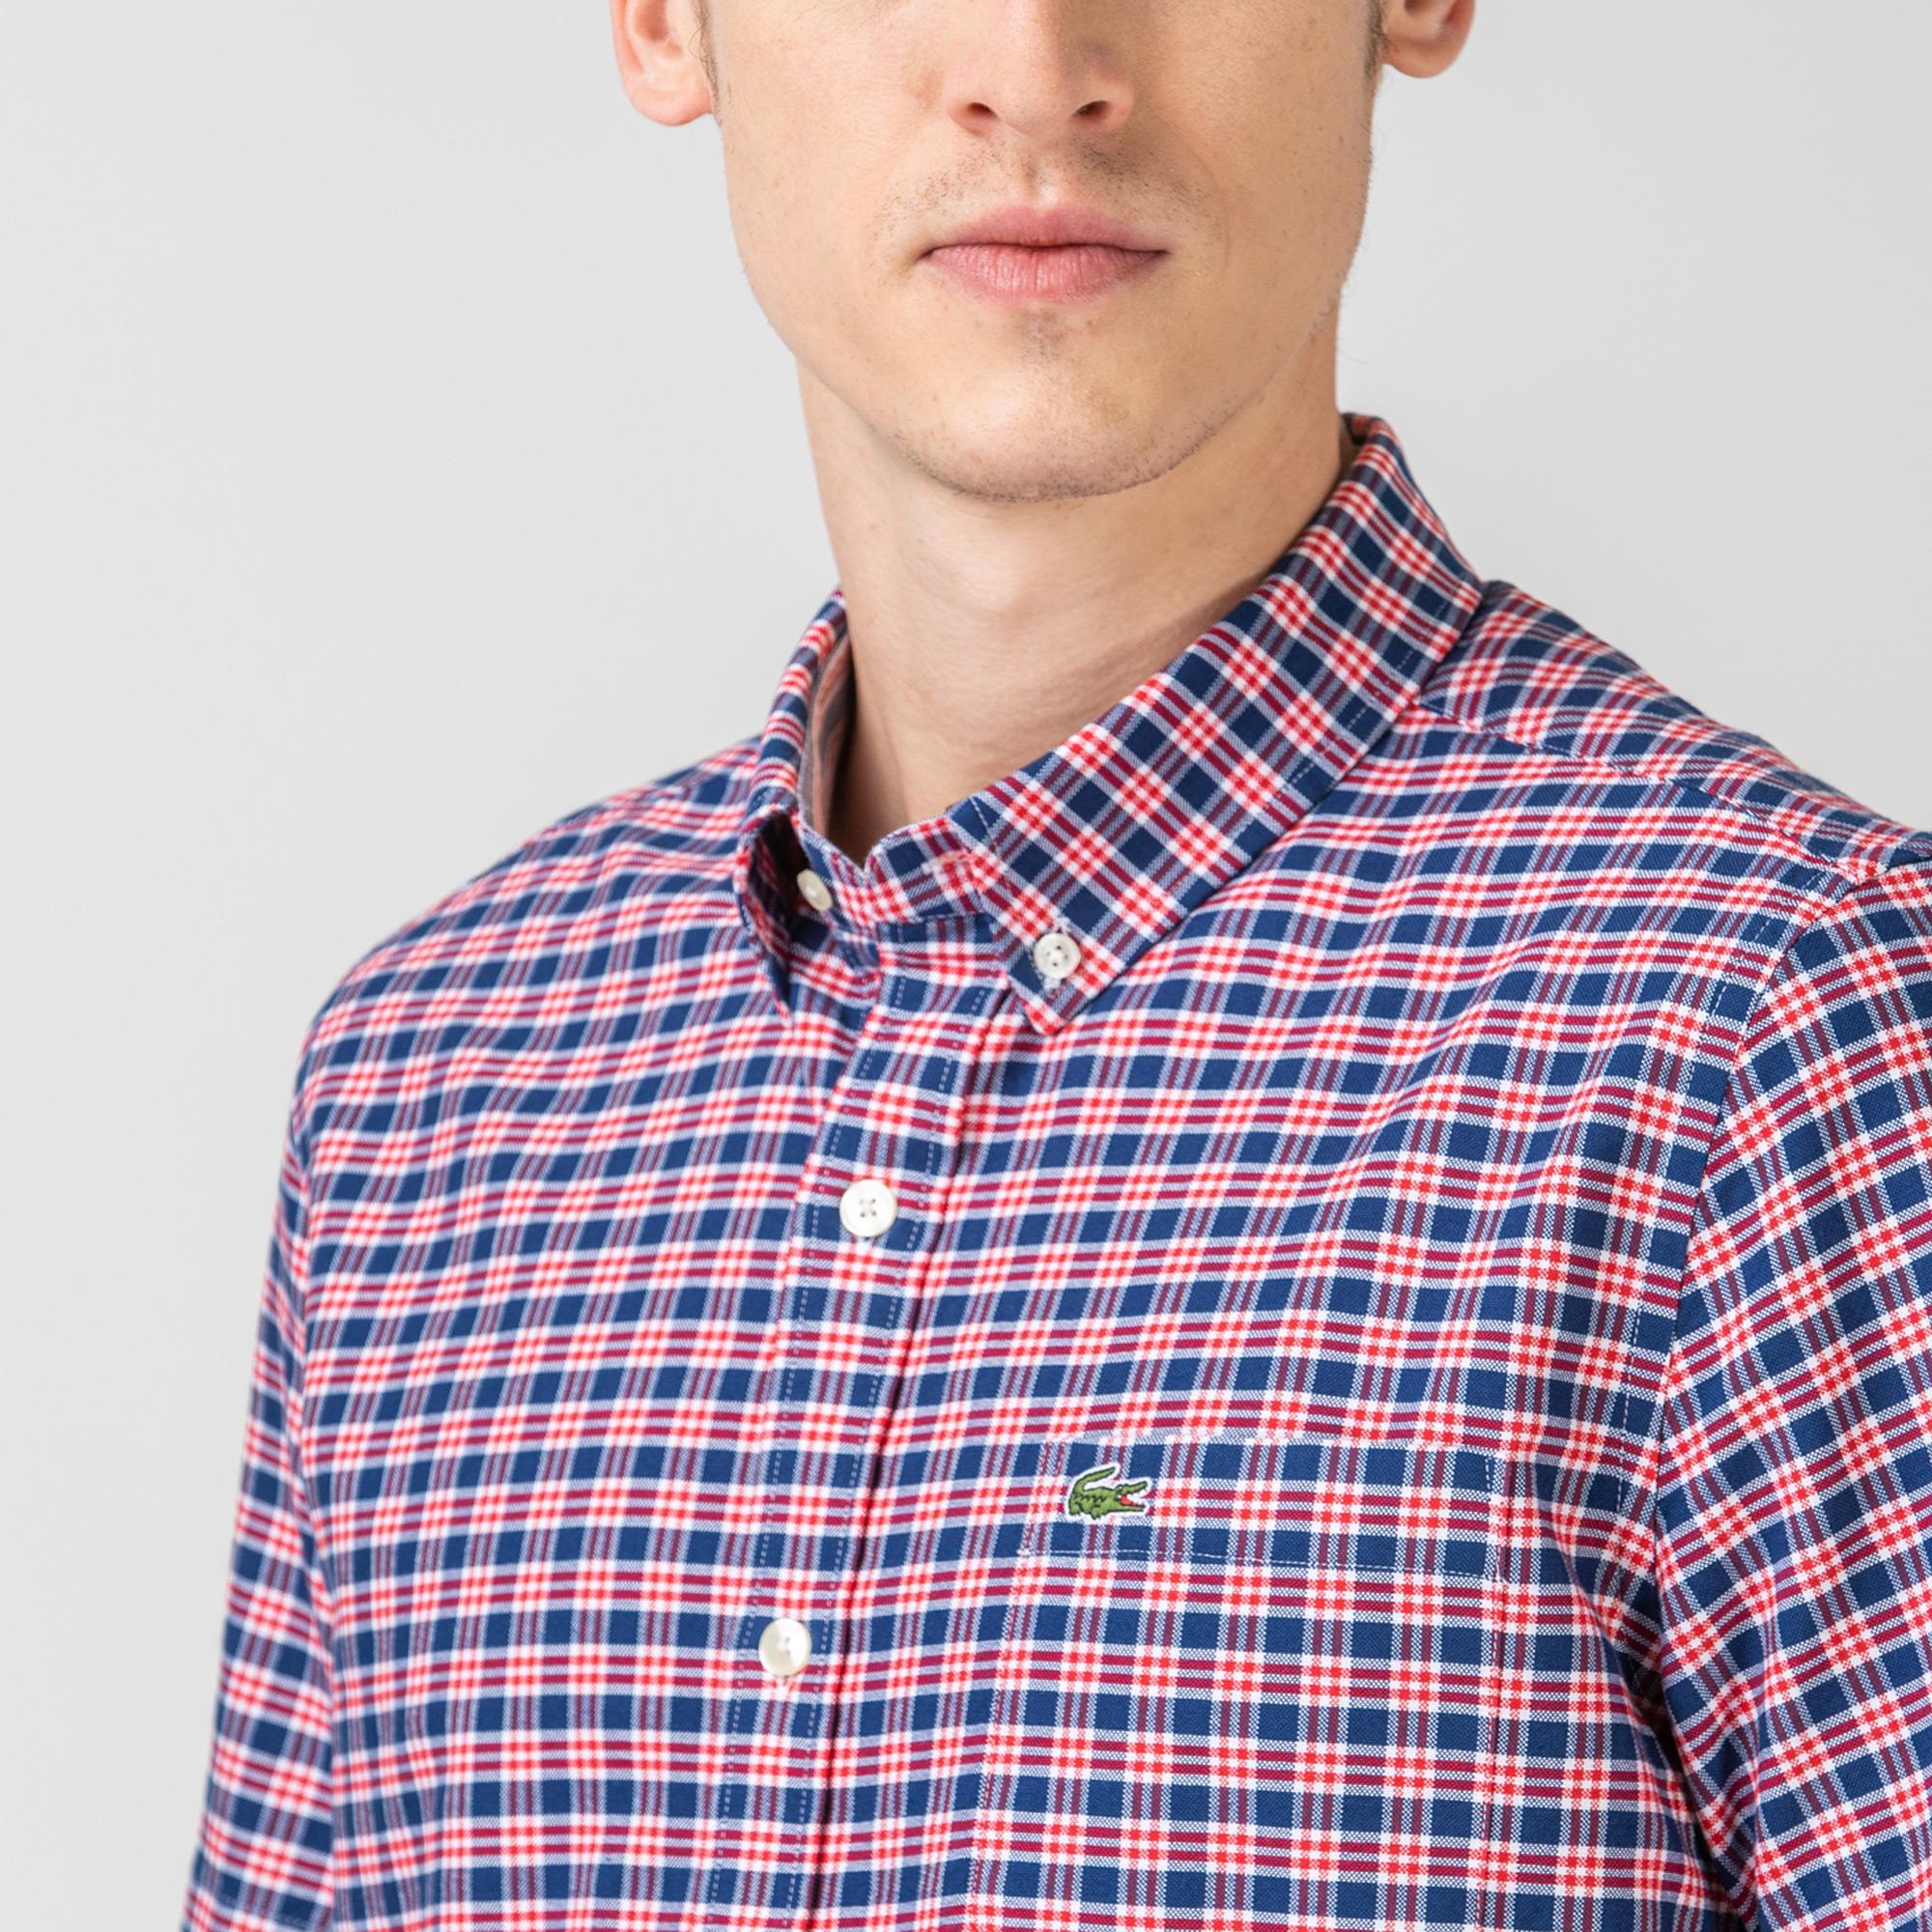 Lacoste Erkek Regular Fit Kısa Kollu Ekose Desenli Kırmızı - Saks Mavi Gömlek